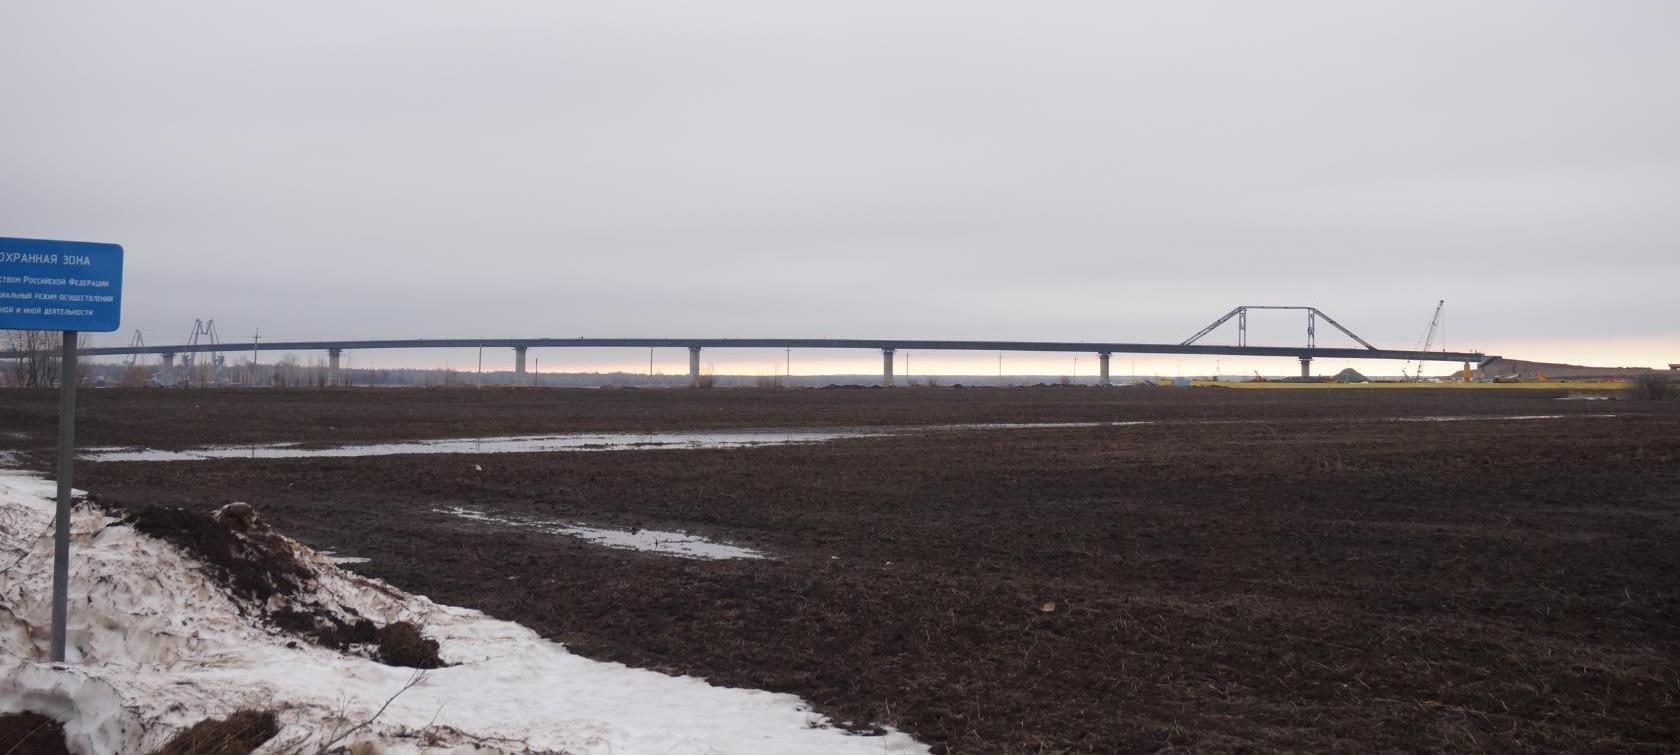 С момента открытия и до конца мая 2061 года проезд по мостам будет платным. Минимальная цена за проезд только по камскому мосту для легковых автомобилей и мотоциклов — 326 рублей... Читать далее...